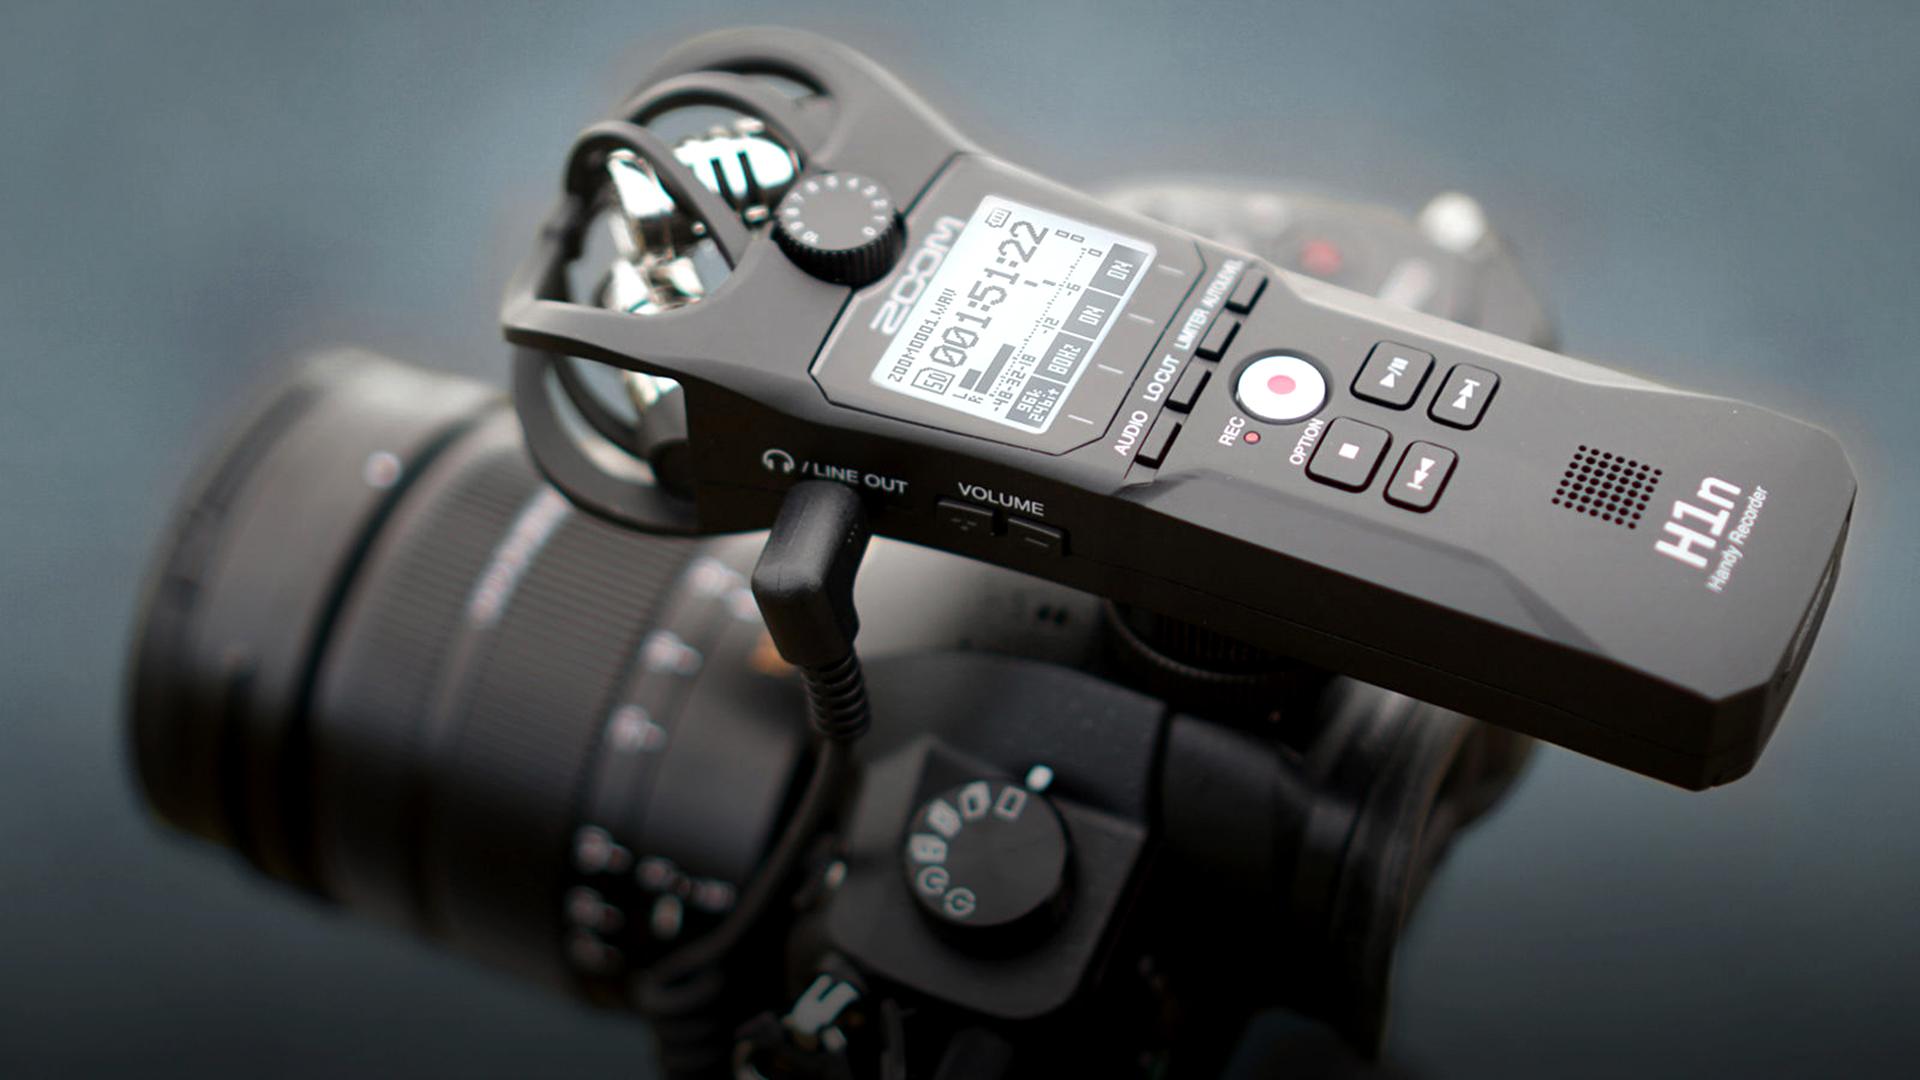 ZoomがH1nを発売 - ミラーレスカメラで録音が容易に